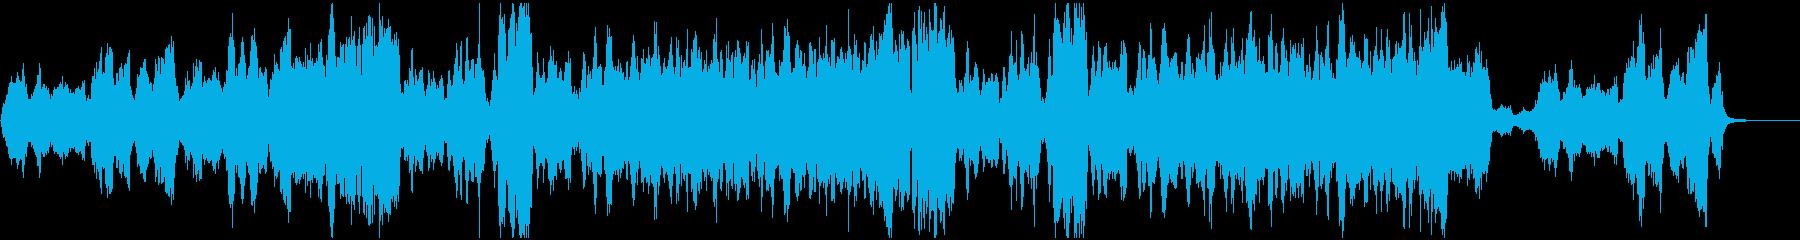 感動映像のための弦楽四重奏クラシックの再生済みの波形